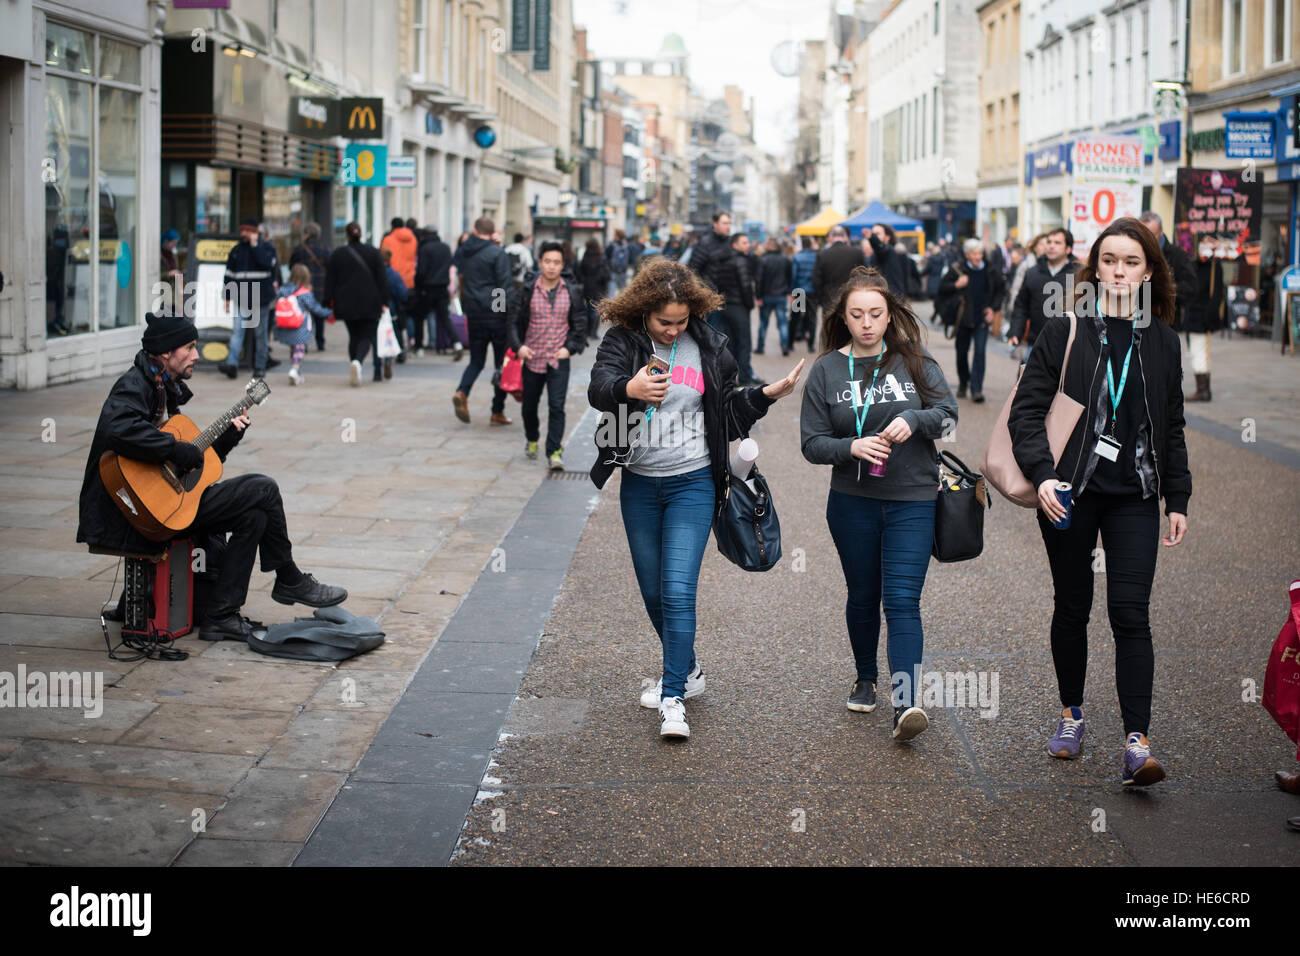 Cornmarket street in Oxford, UK - Stock Image